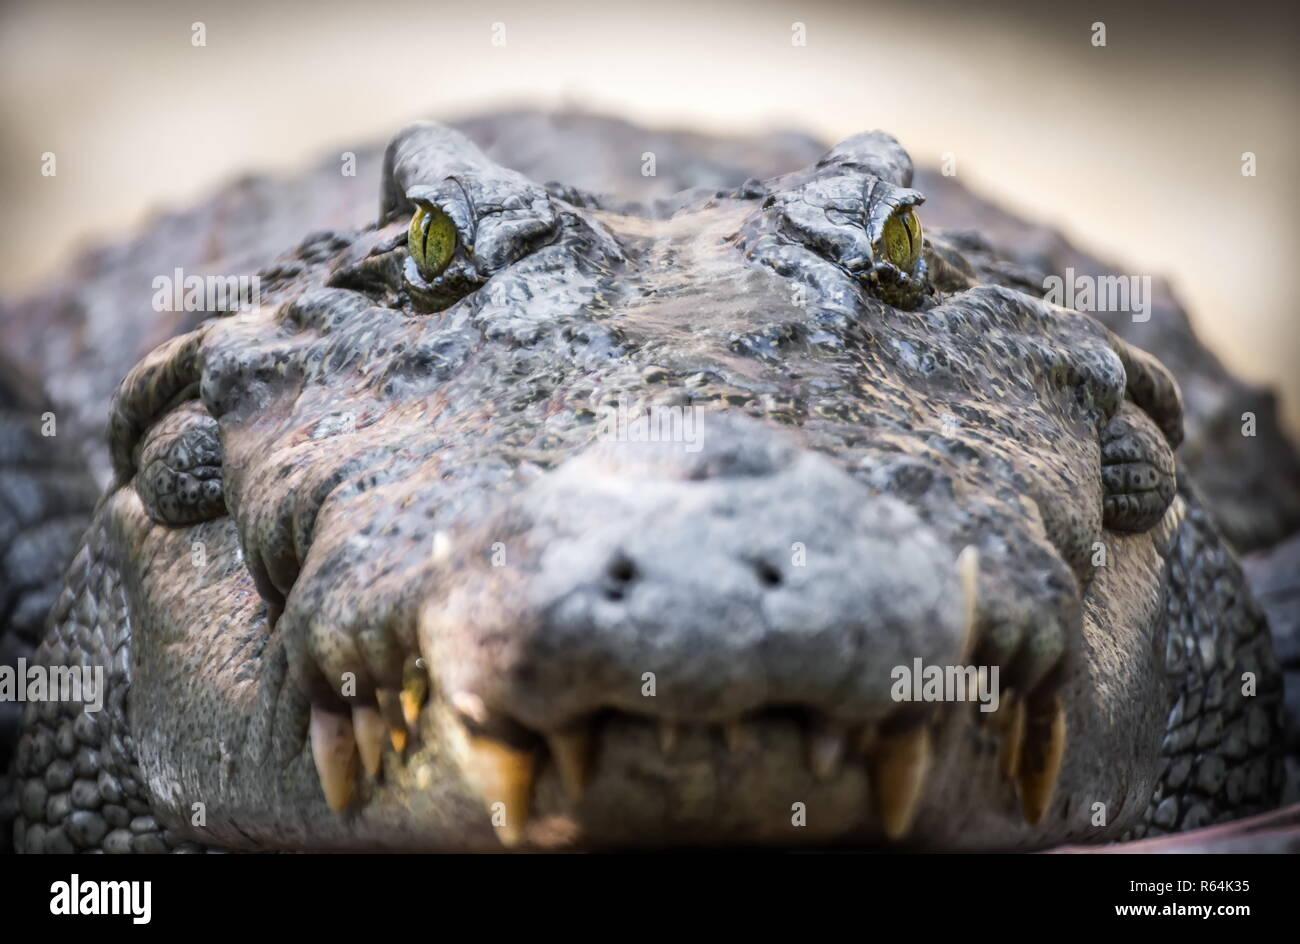 crocodile portrait close up alligator closeup - Stock Image